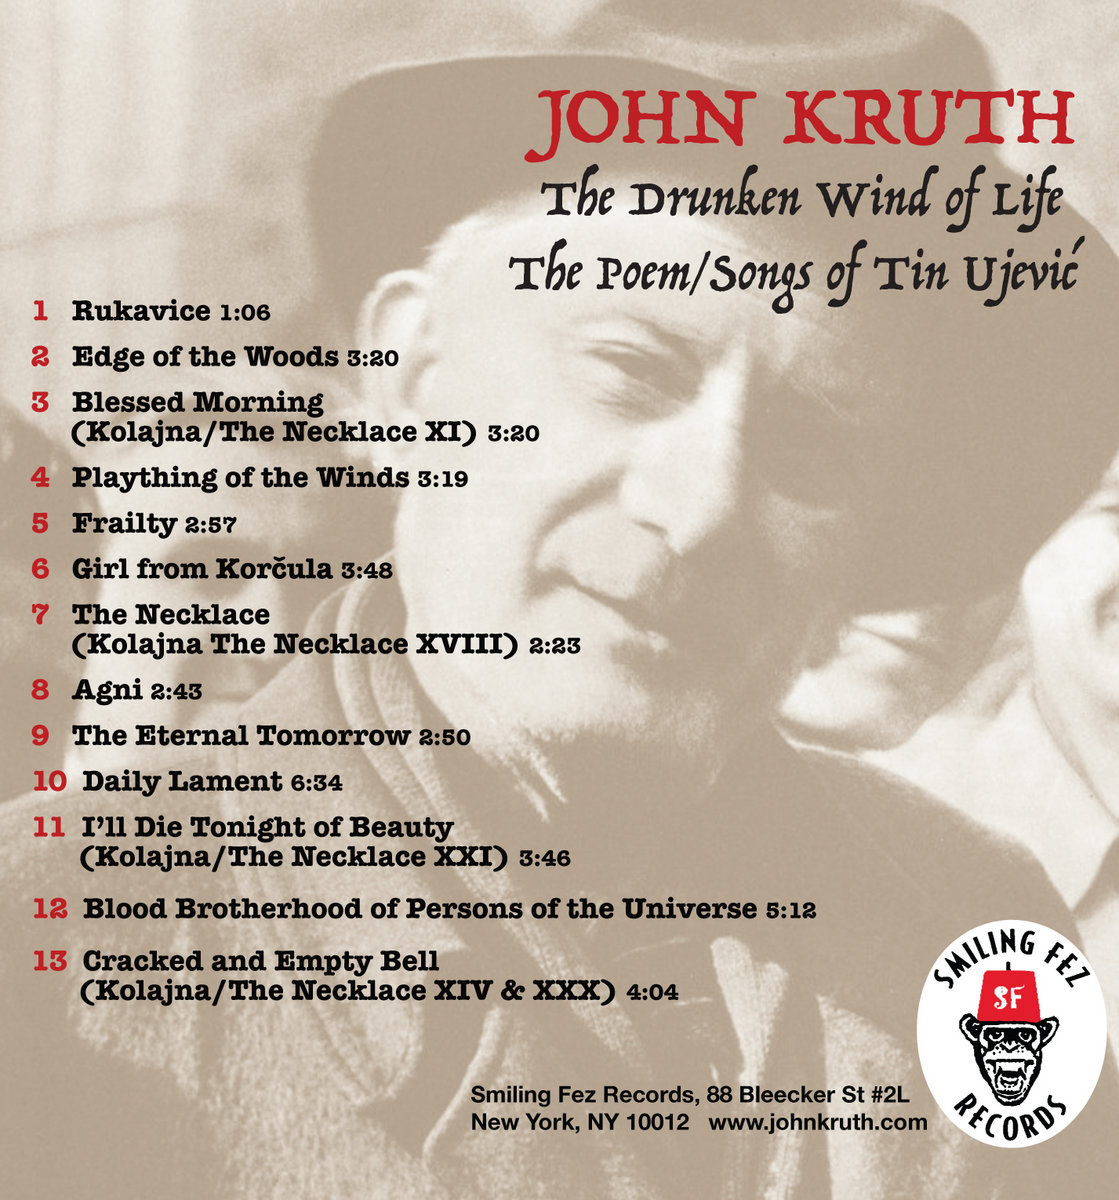 The Drunken Wind of Life | John Kruth